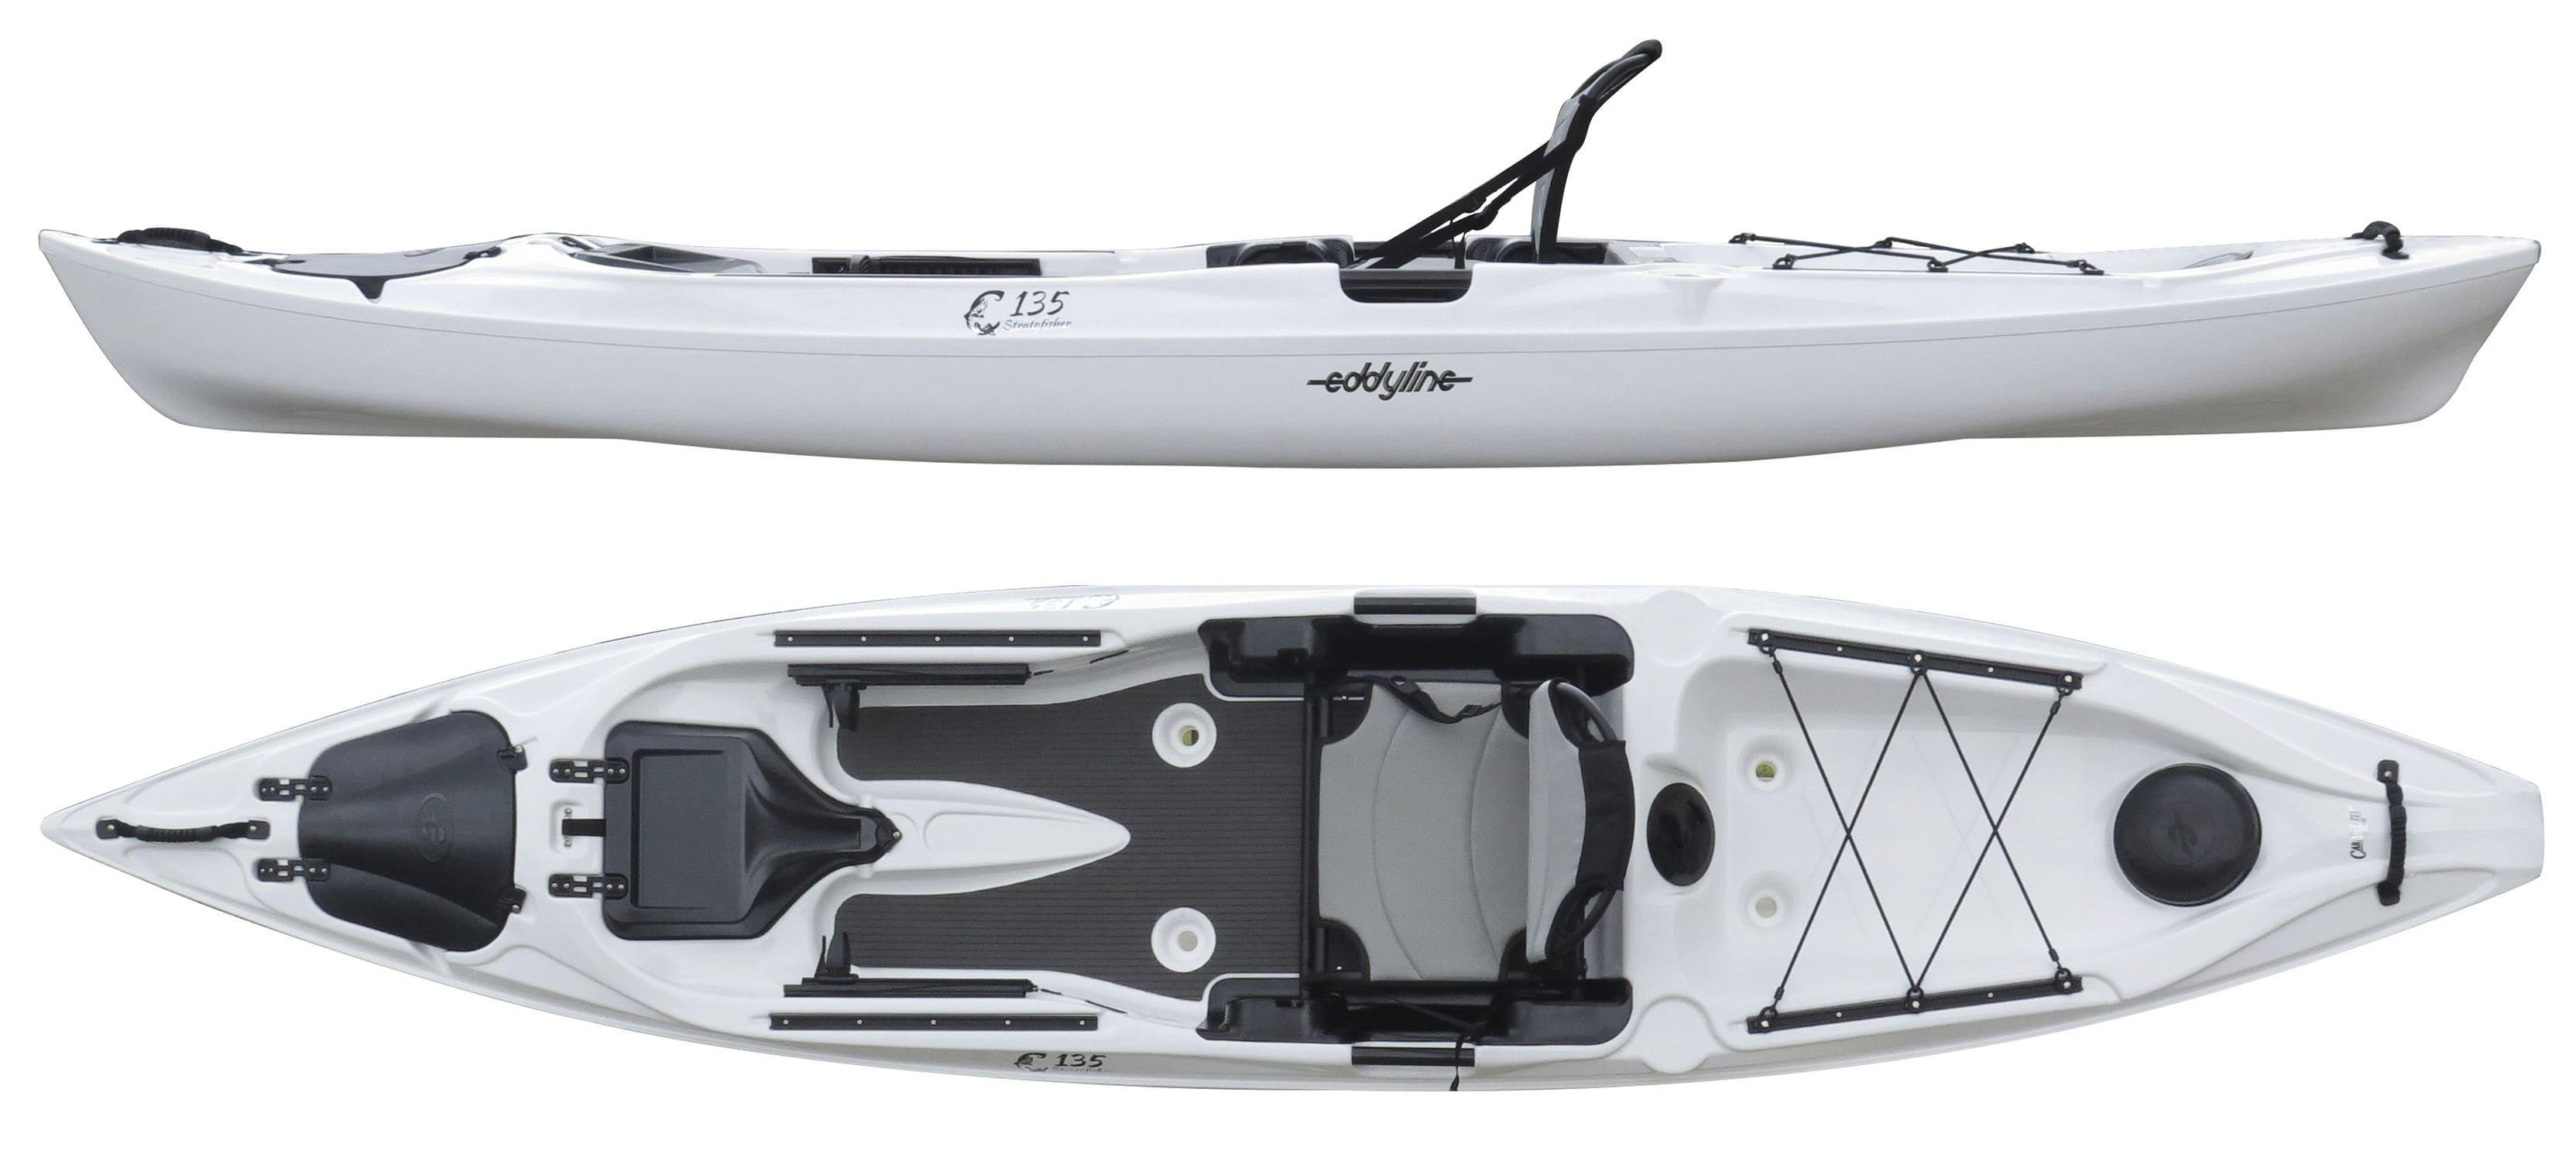 Classifica kayak rigidi da mare, opinioni, offerte, guida all' acquisto di Maggio 2019